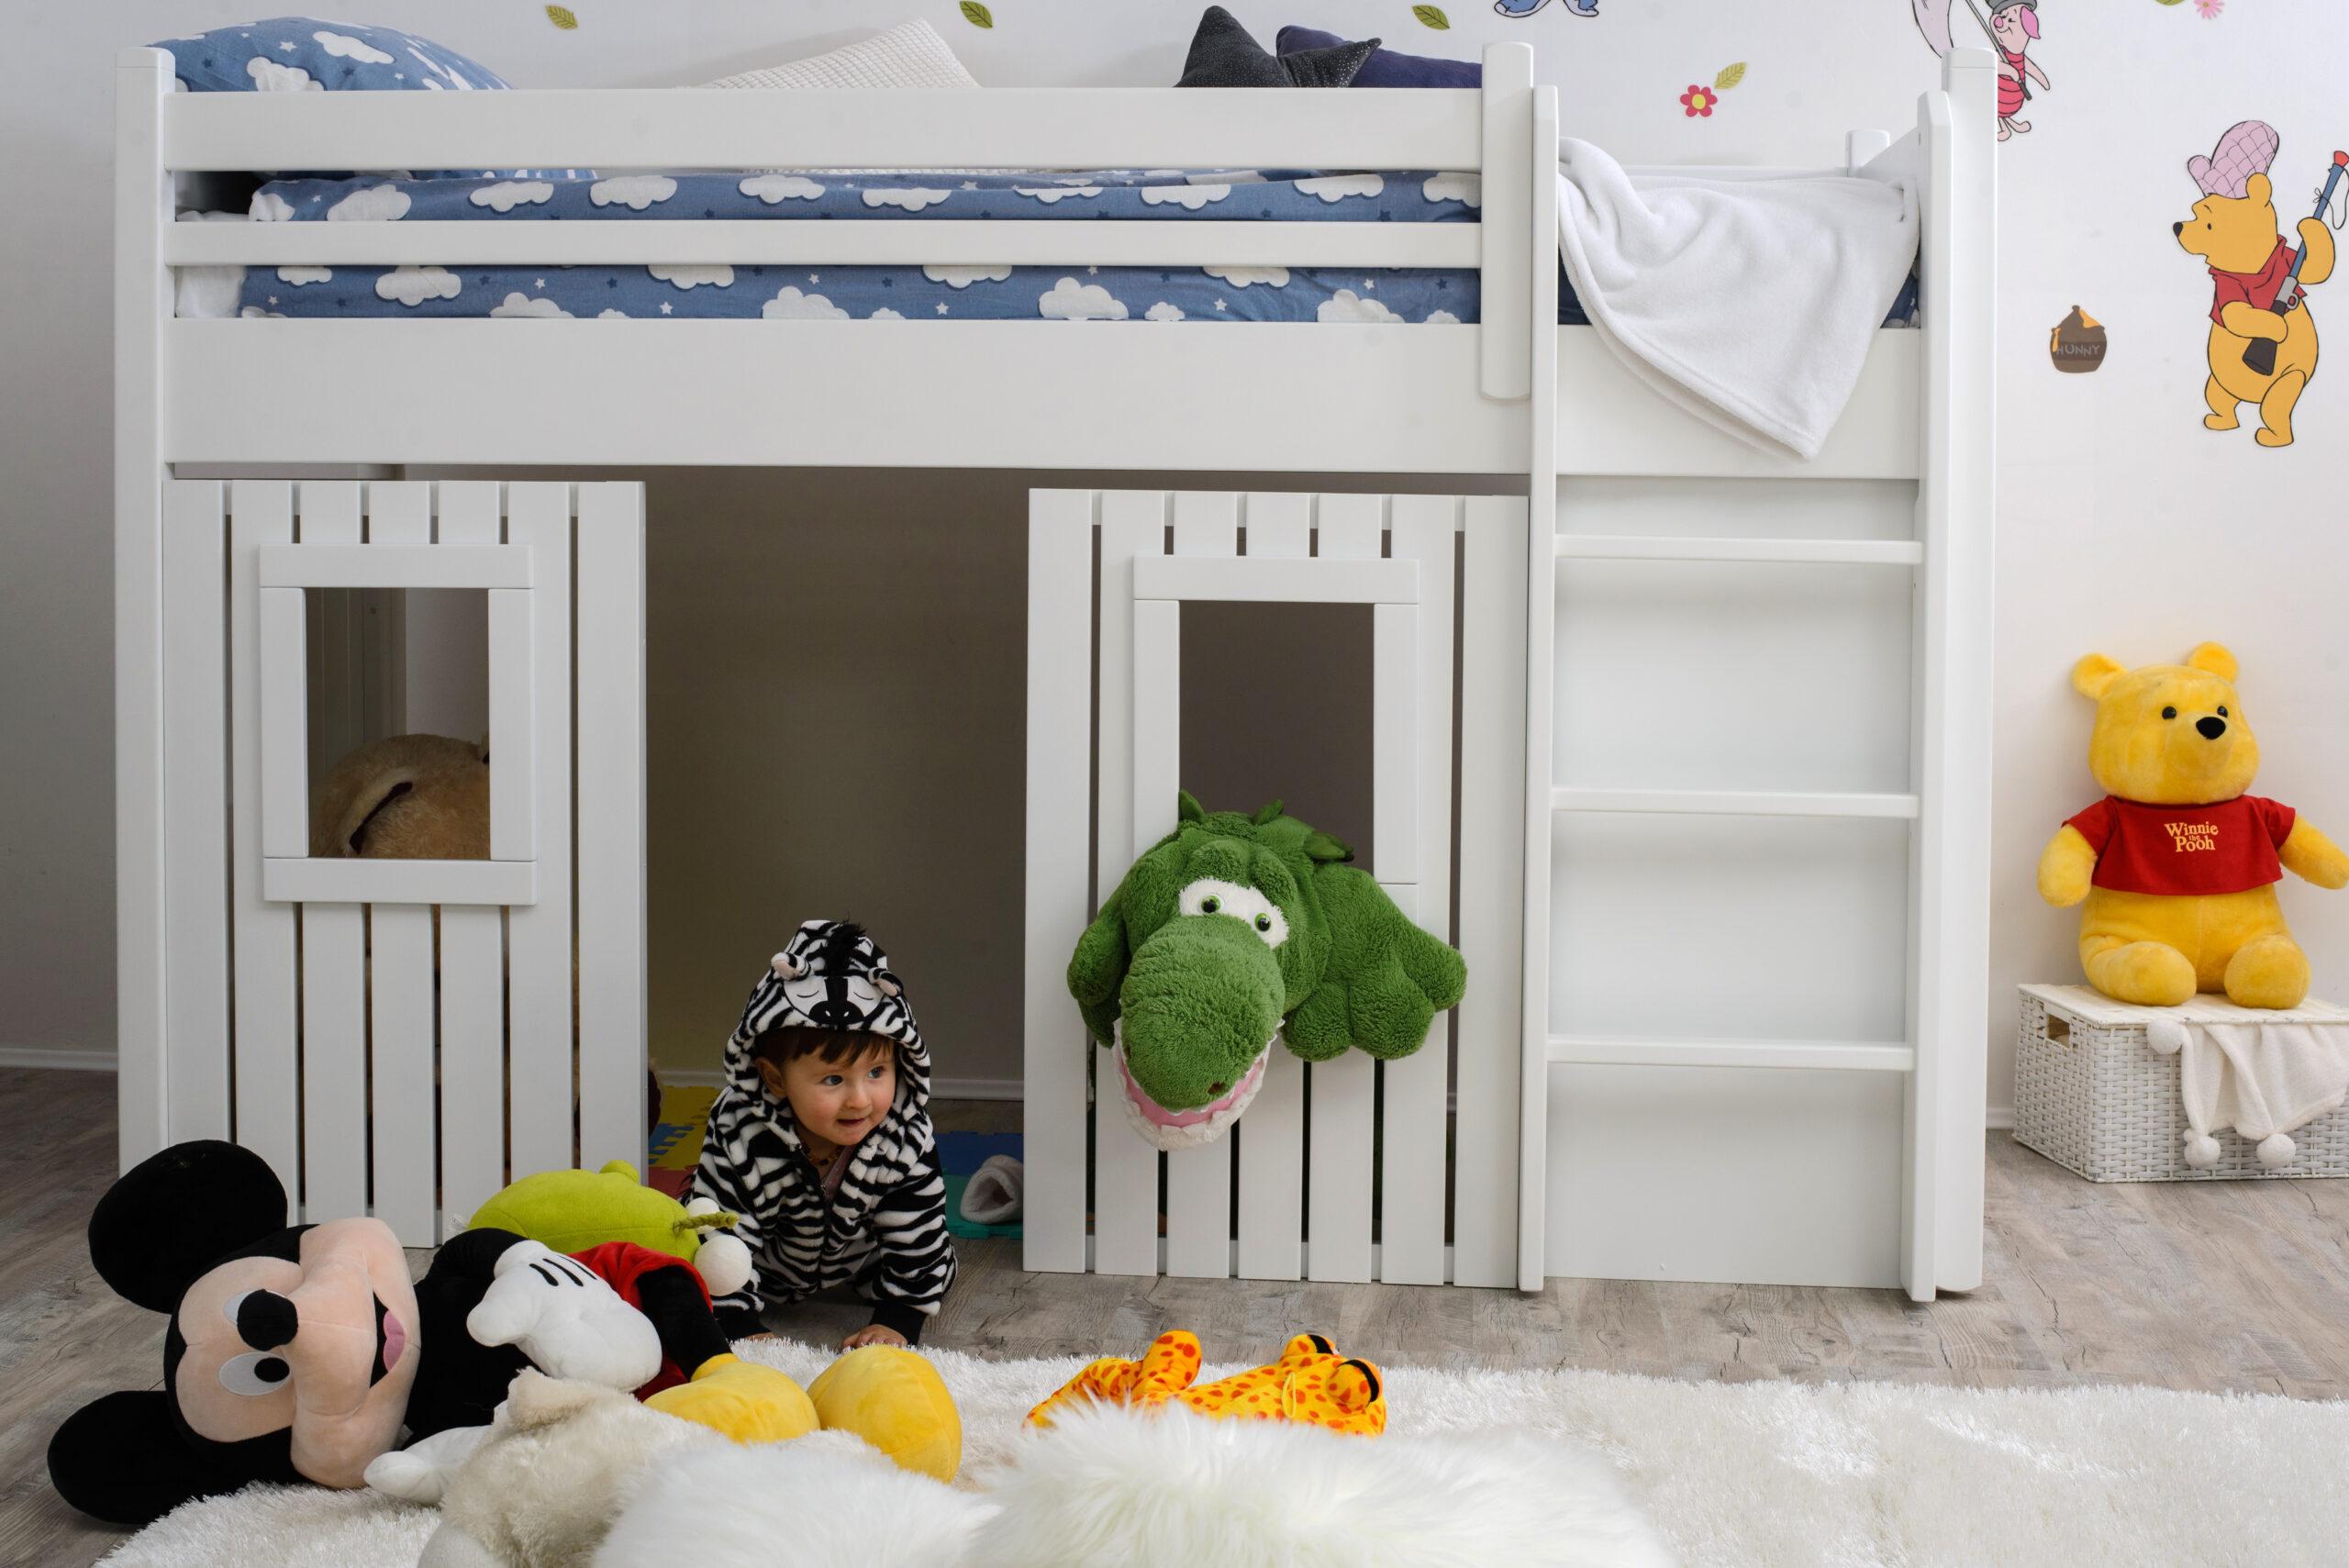 Full Size of Kinderzimmer Hochbett Regale Regal Weiß Sofa Kinderzimmer Kinderzimmer Hochbett